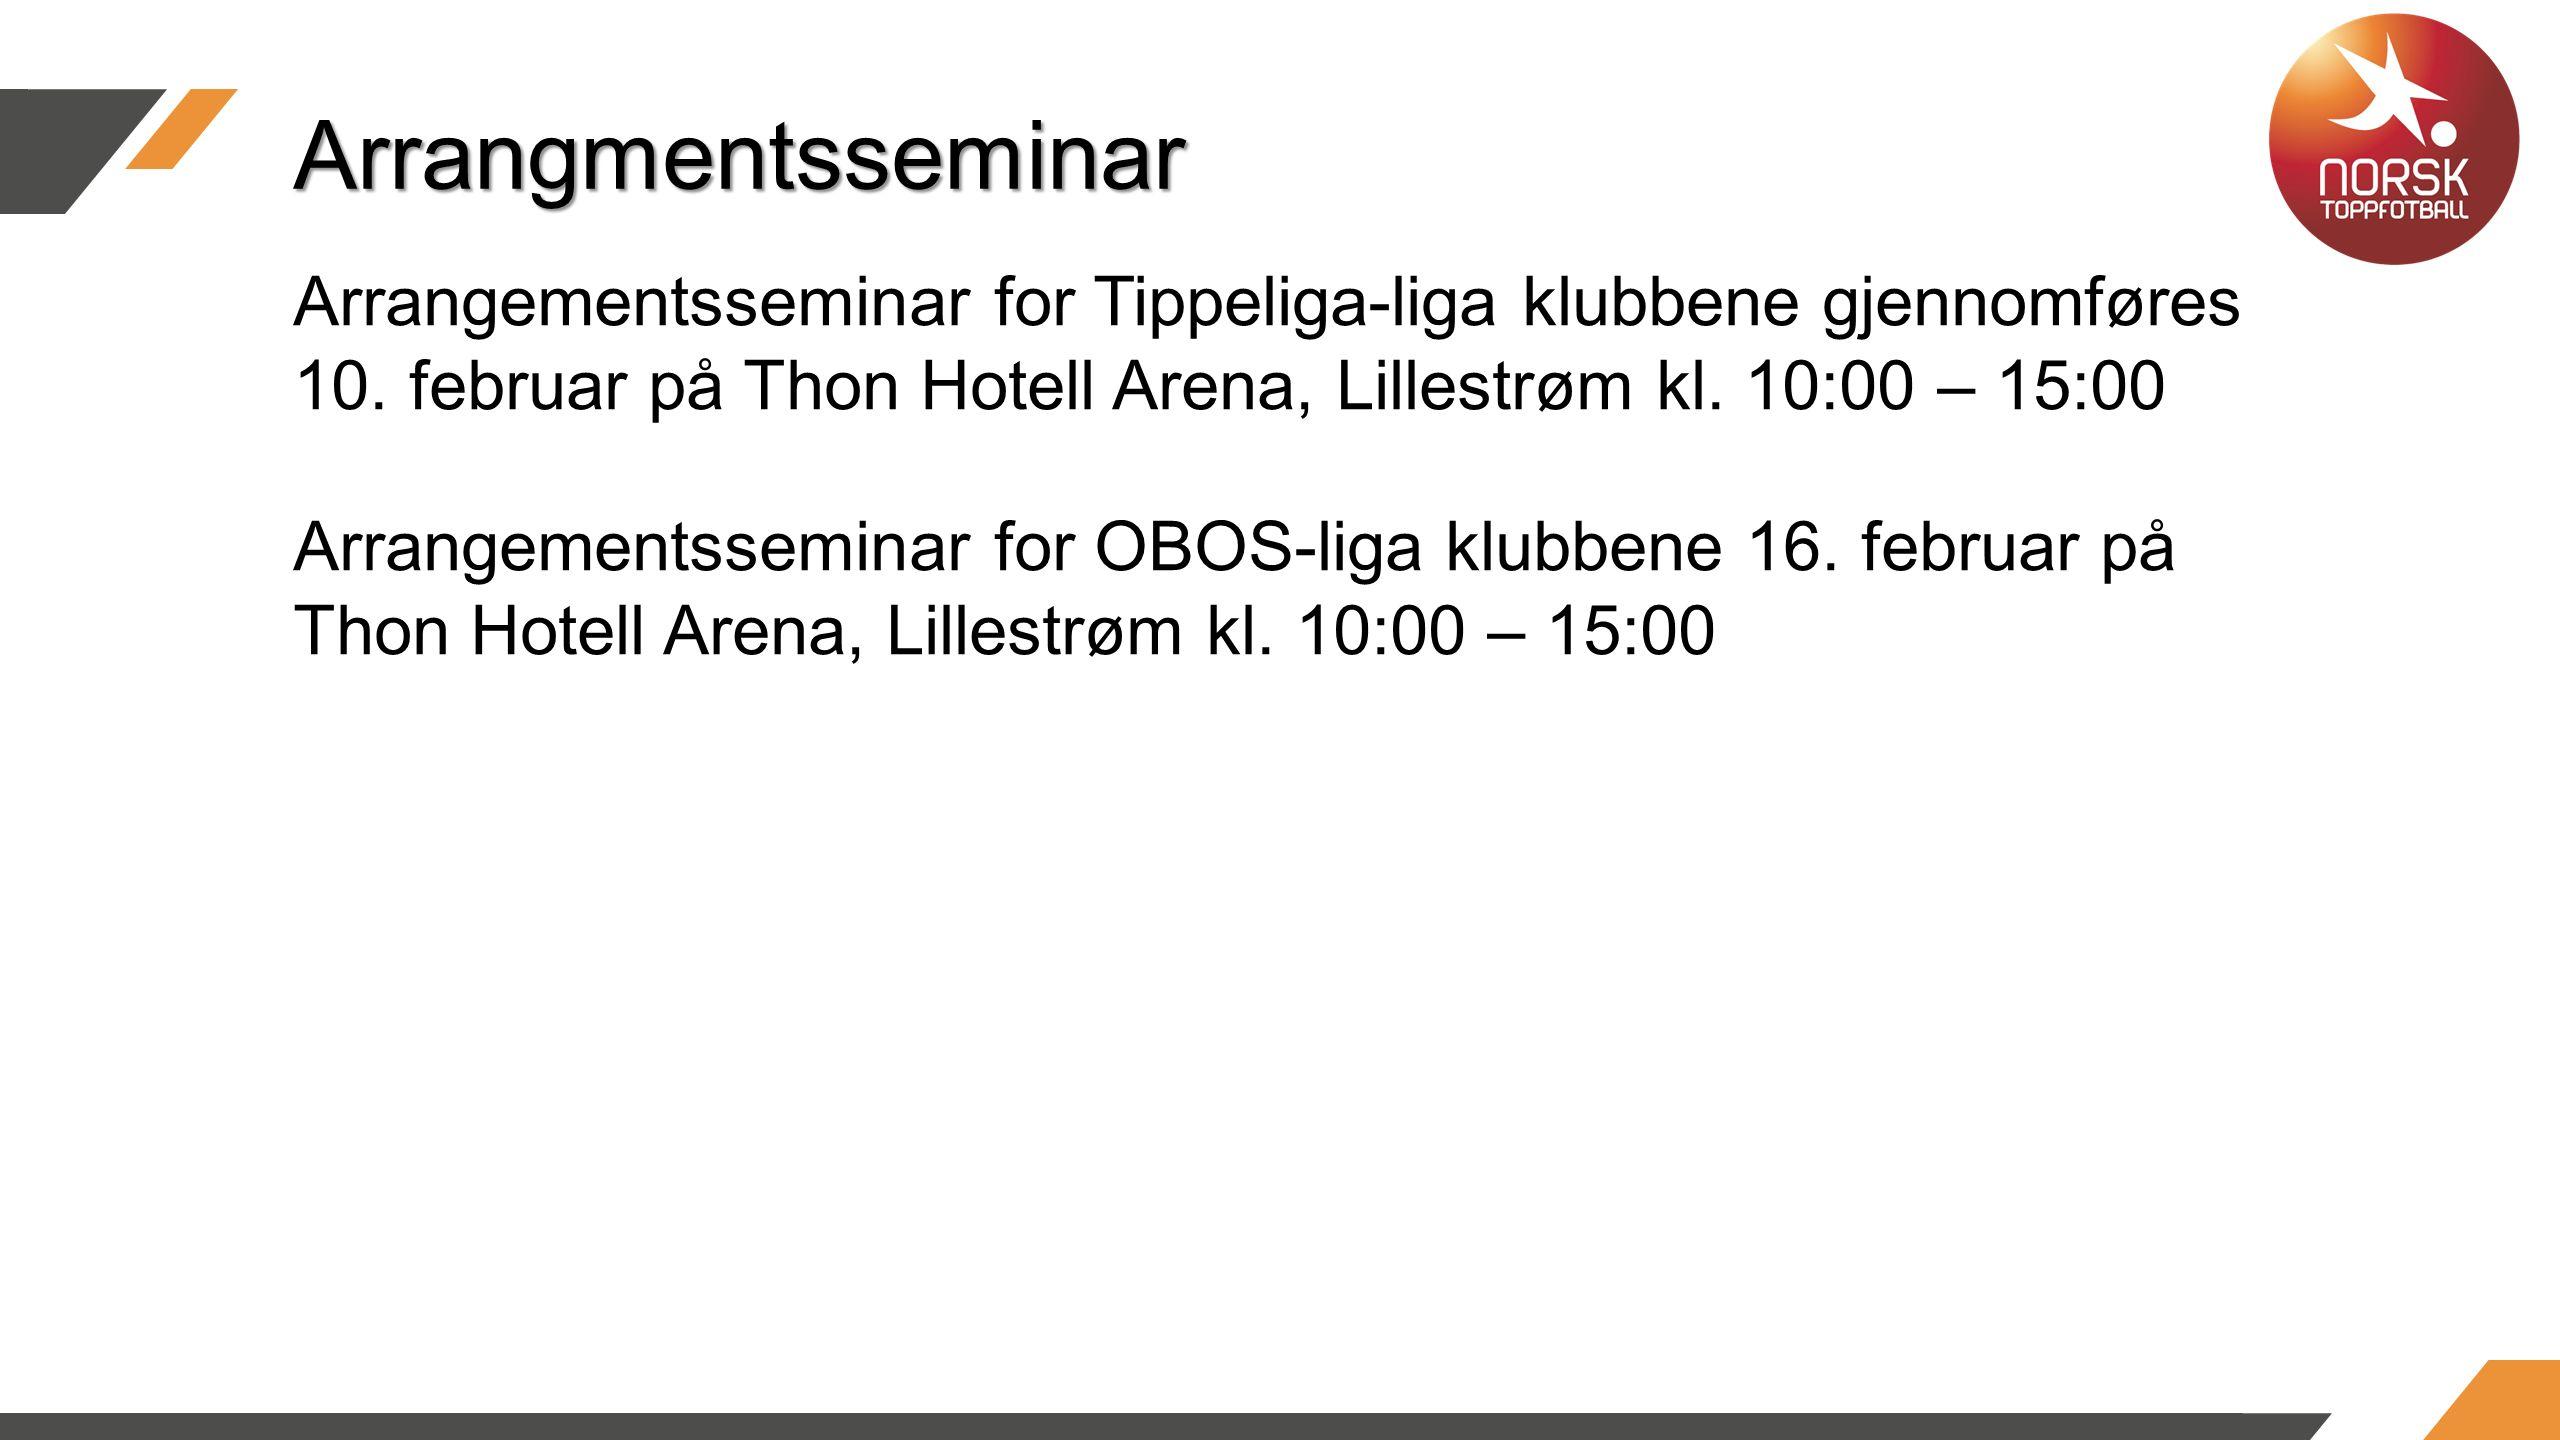 Arrangementsseminar for Tippeliga-liga klubbene gjennomføres 10.